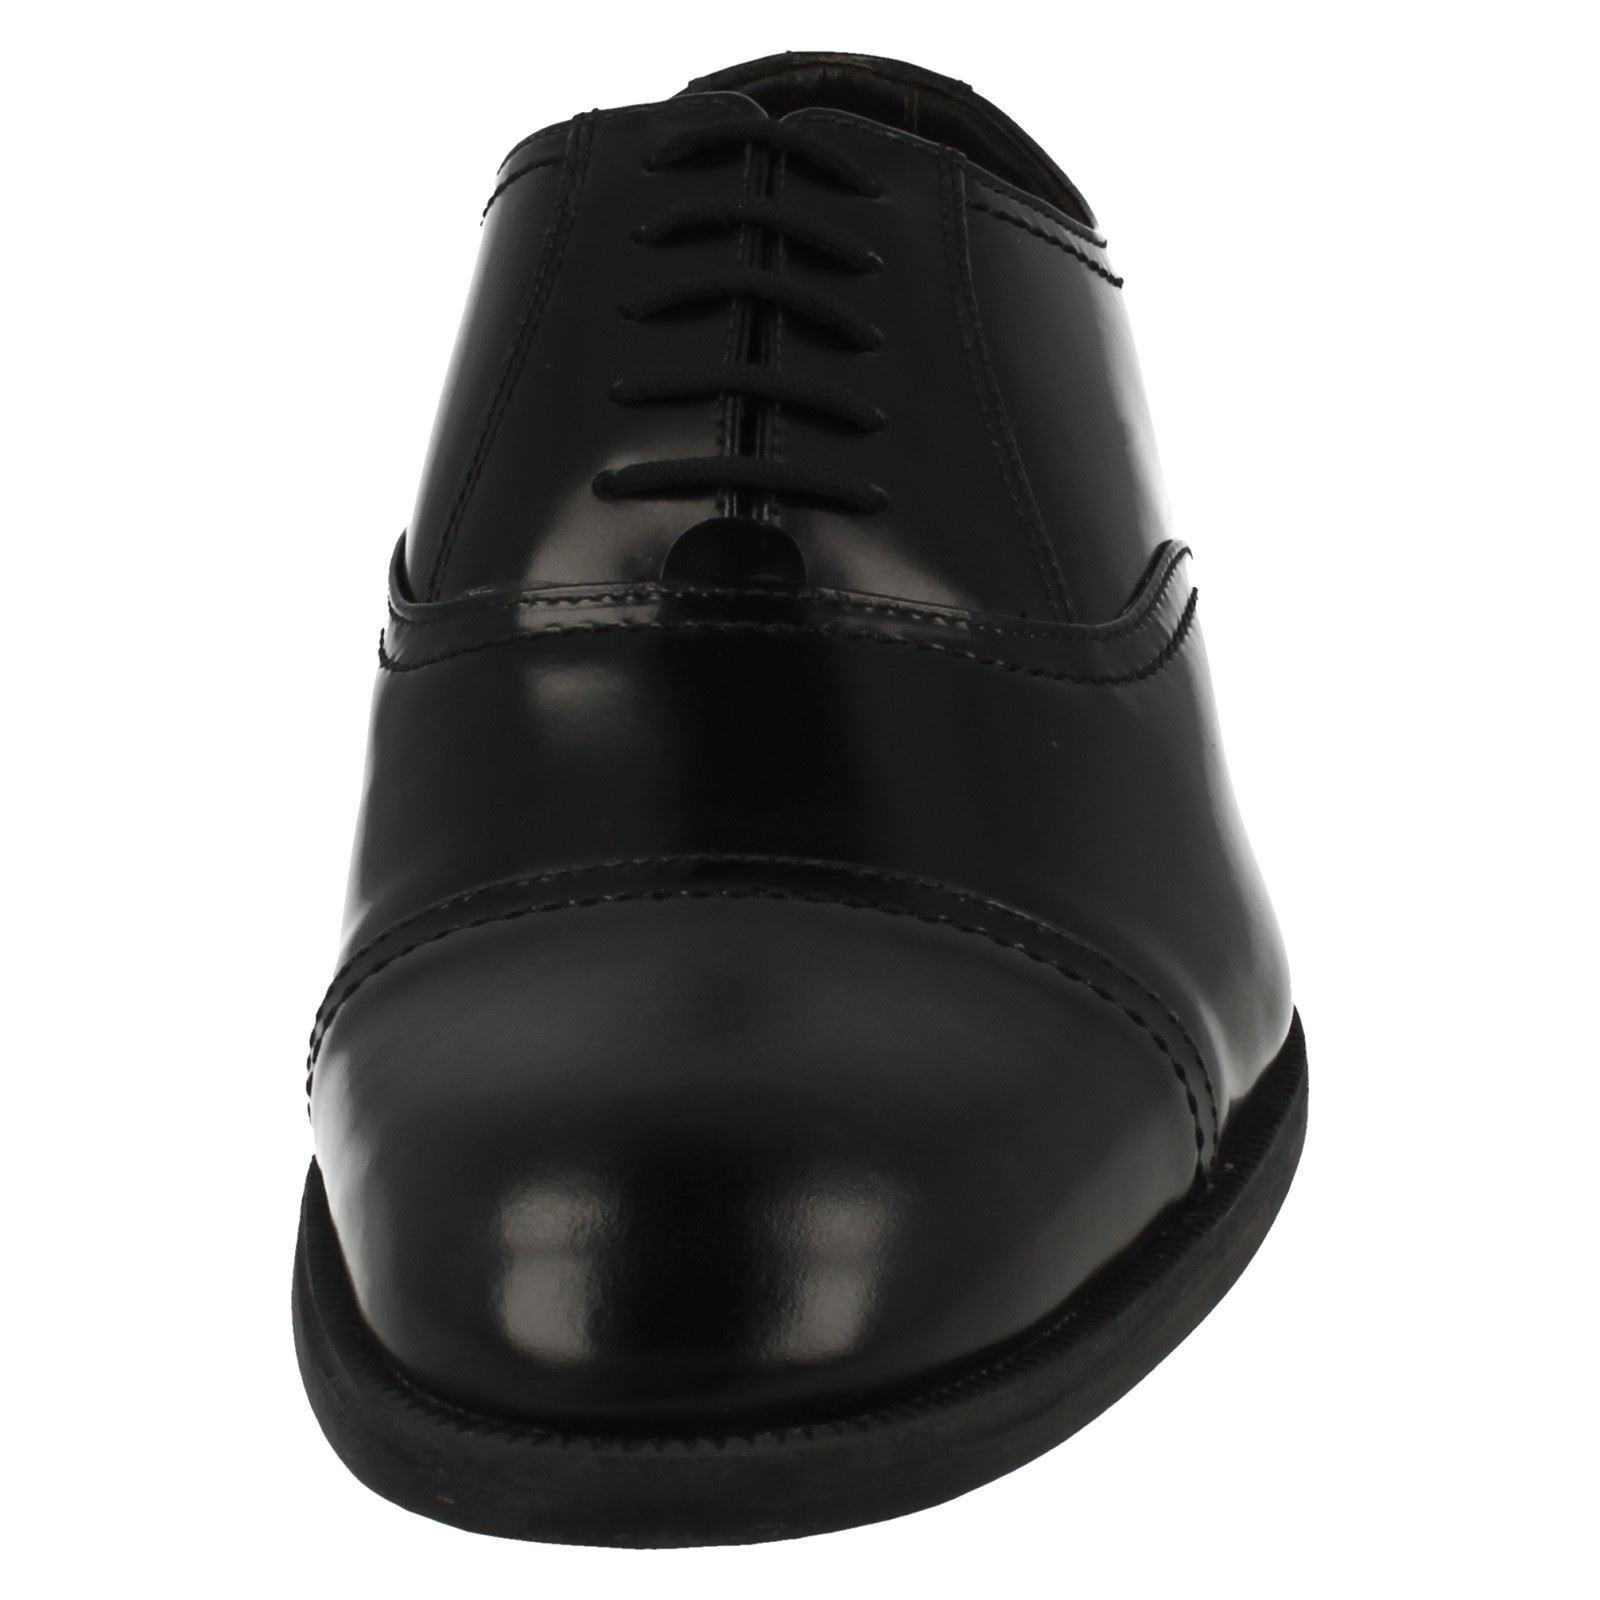 con Black Zapatos Harvey hombre Clarks para cordones formales Lift T8rwU8qAE